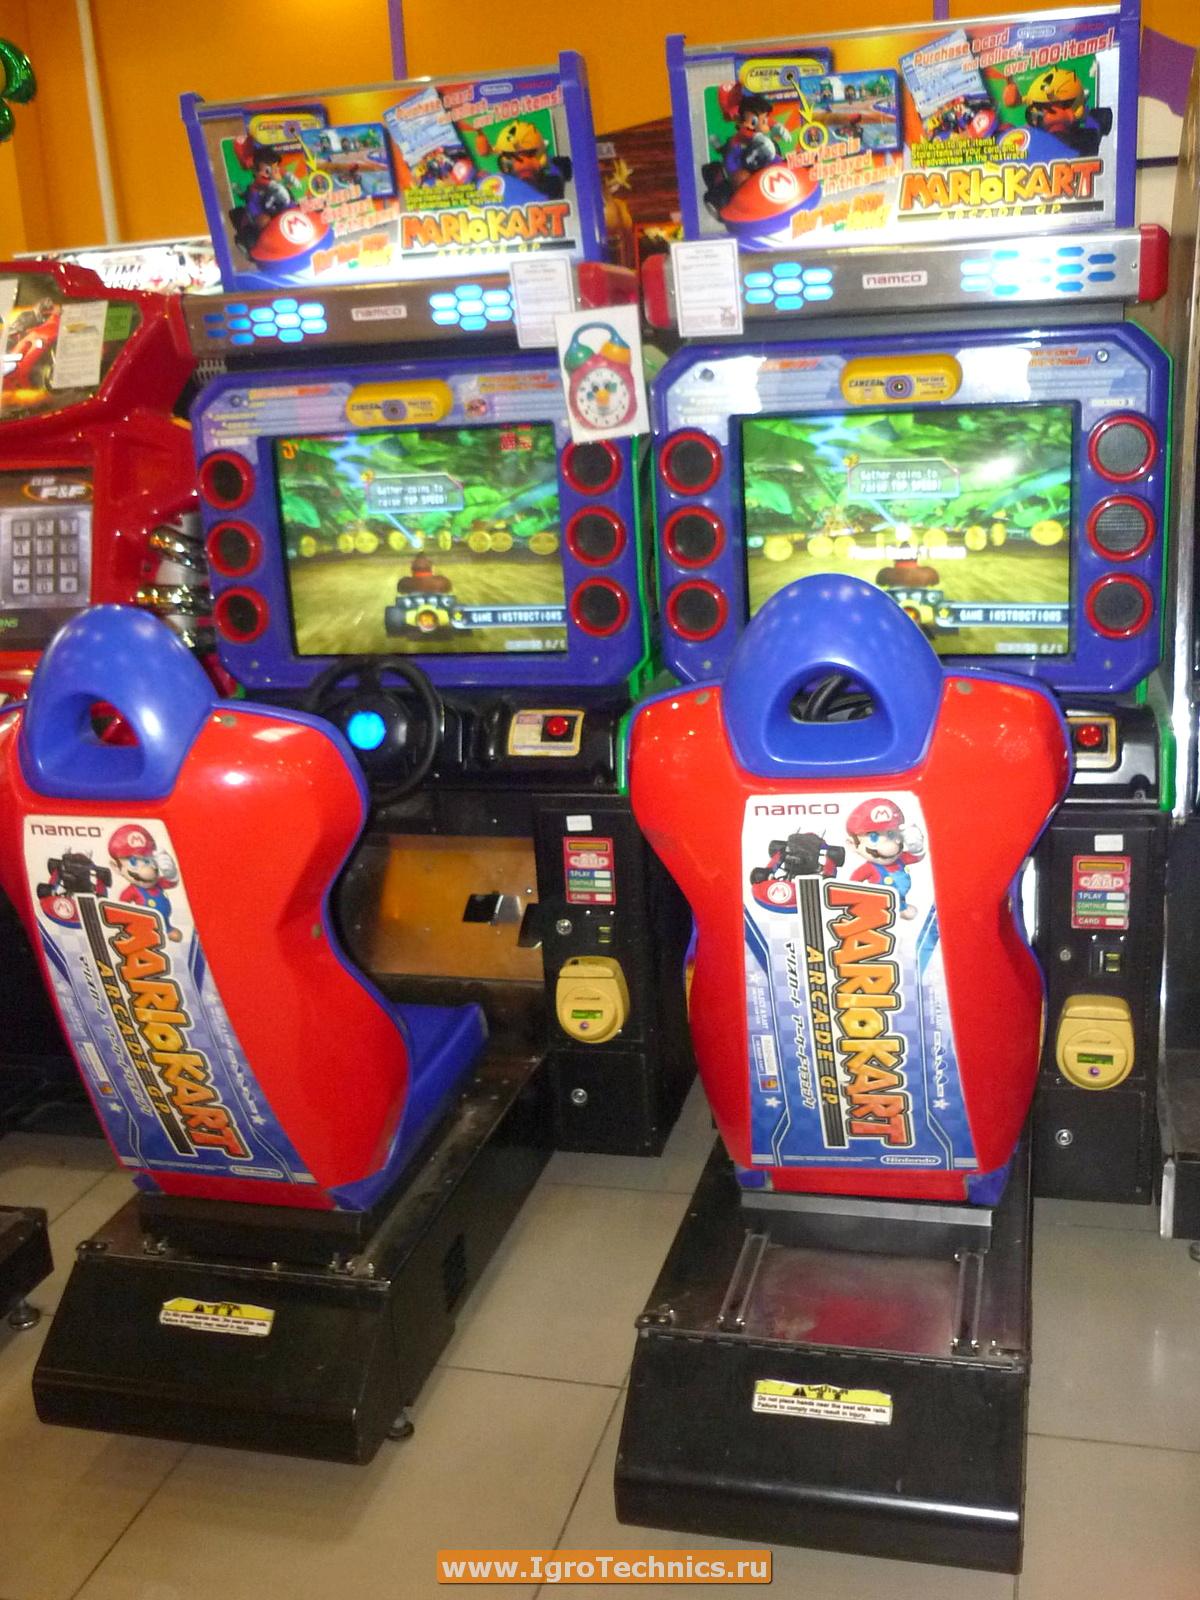 Игровые автоматы namco игровые автоматы без регистрации разные